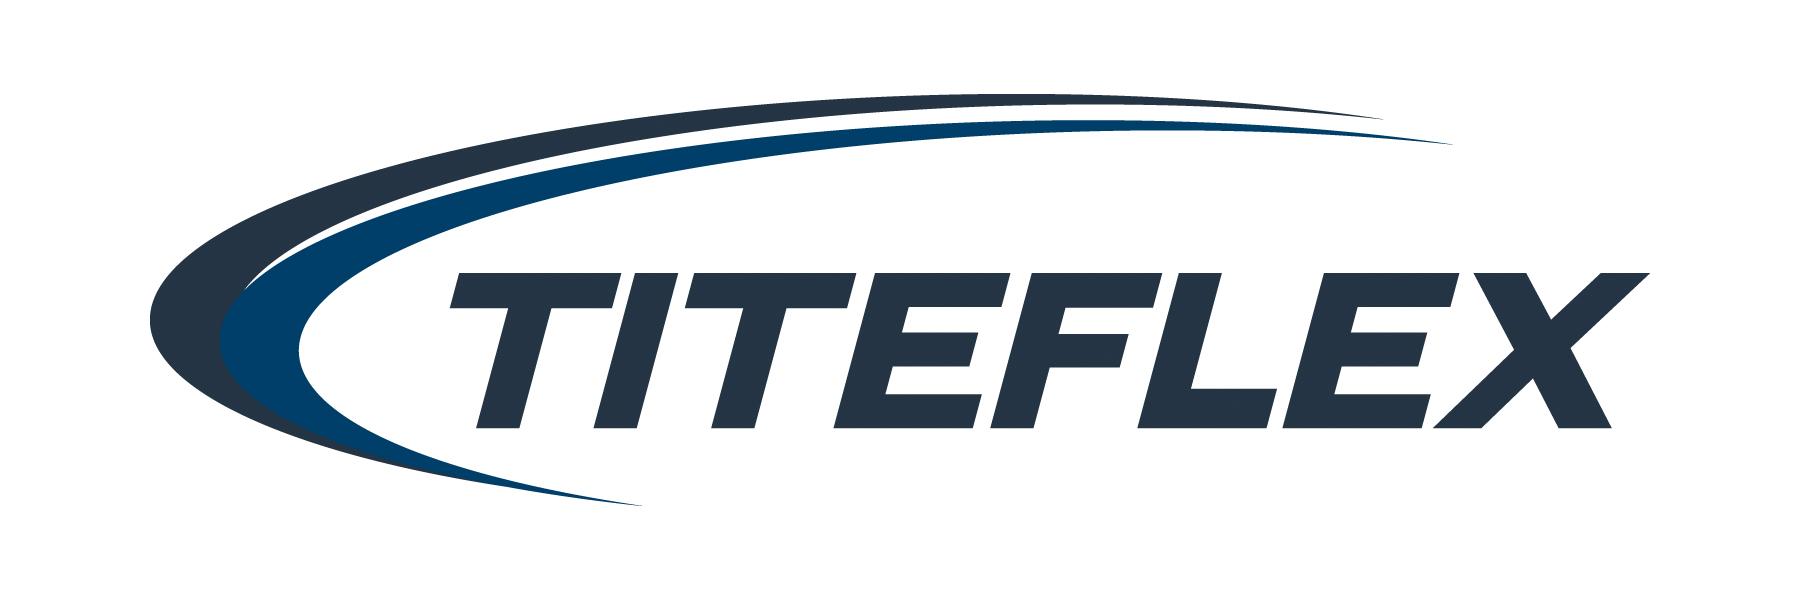 Titeflex_Logo_2C.jpg